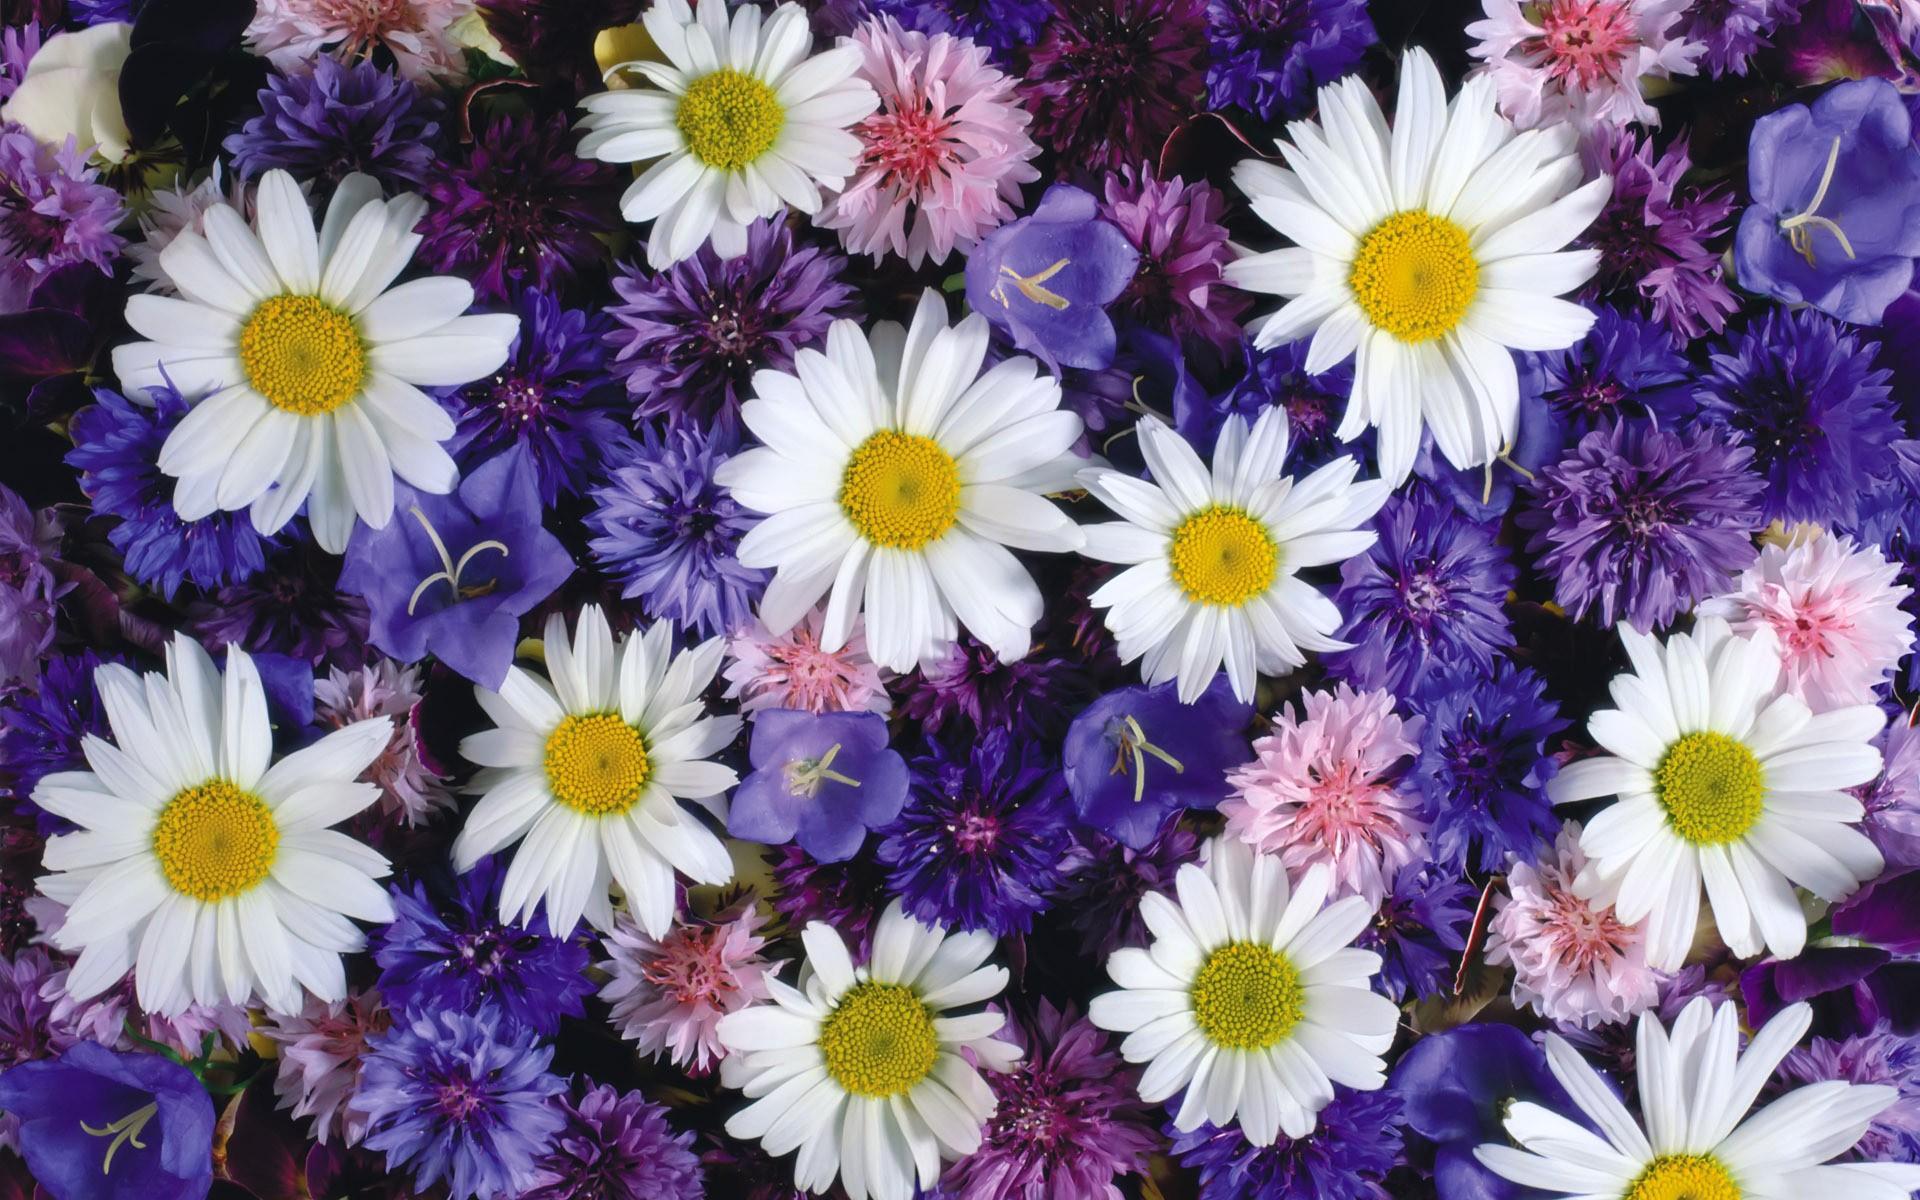 картинки цветочные картинки халцедонский это растение